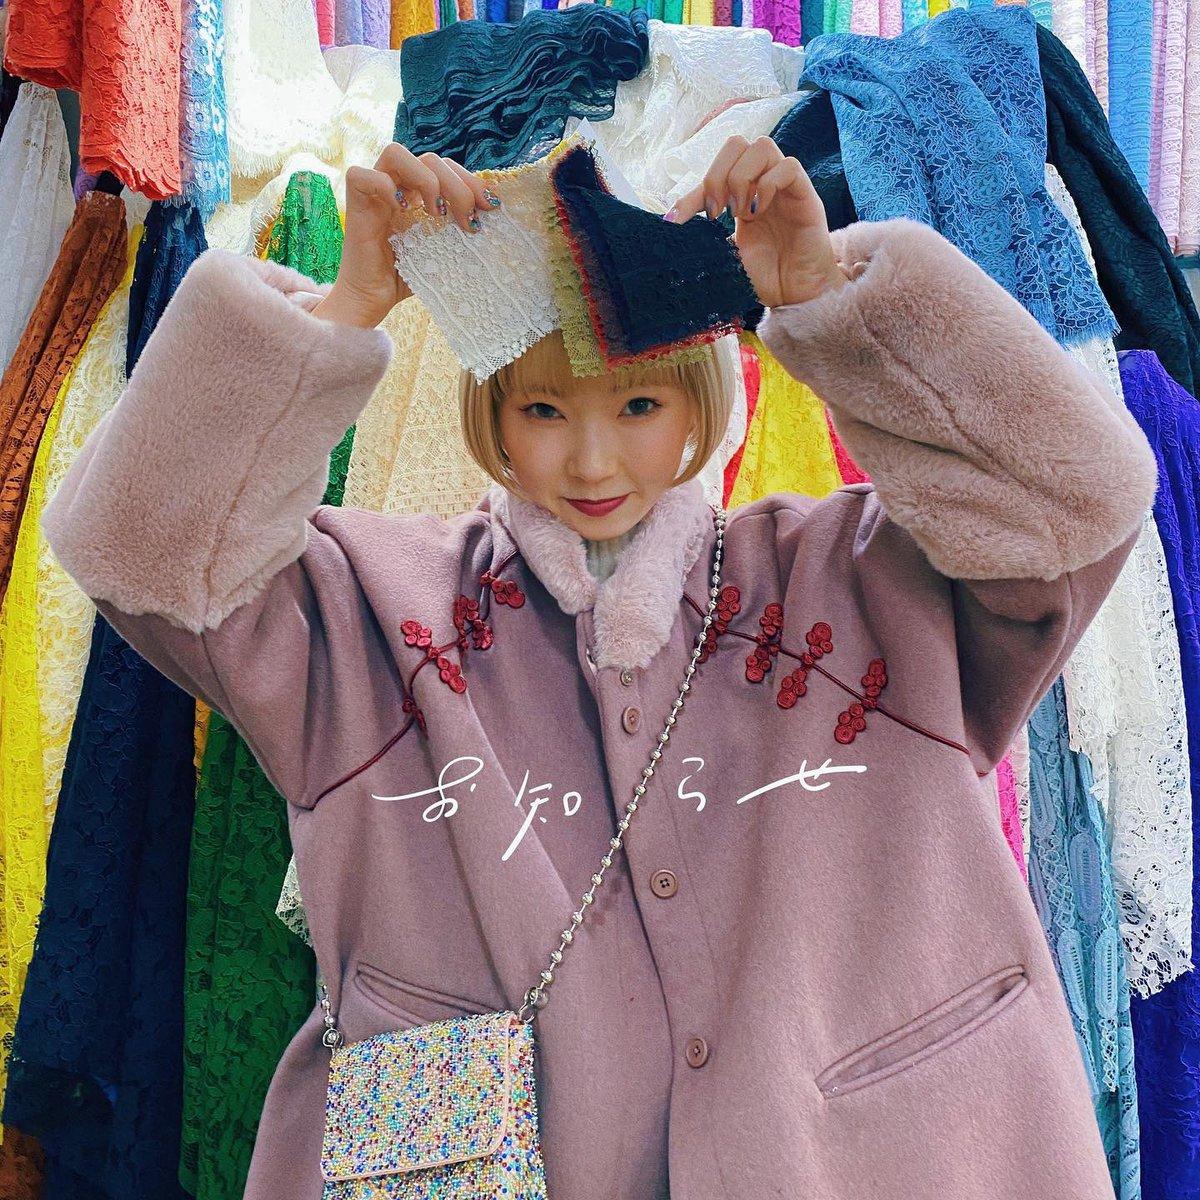 """【henteco pop】お洋服を第2弾、作る事に決定しました!!沢山の皆んなが喜んでくれて嬉しかったし、私の""""へんてこポップ""""な世界観をシェア出来てシアワセだったから🌈という訳で韓国で洋服の生地探しの旅に出たよ!クタクタ&ワクワク!具体的にはまだ決まってないけど4月頃に春服〜🌸"""